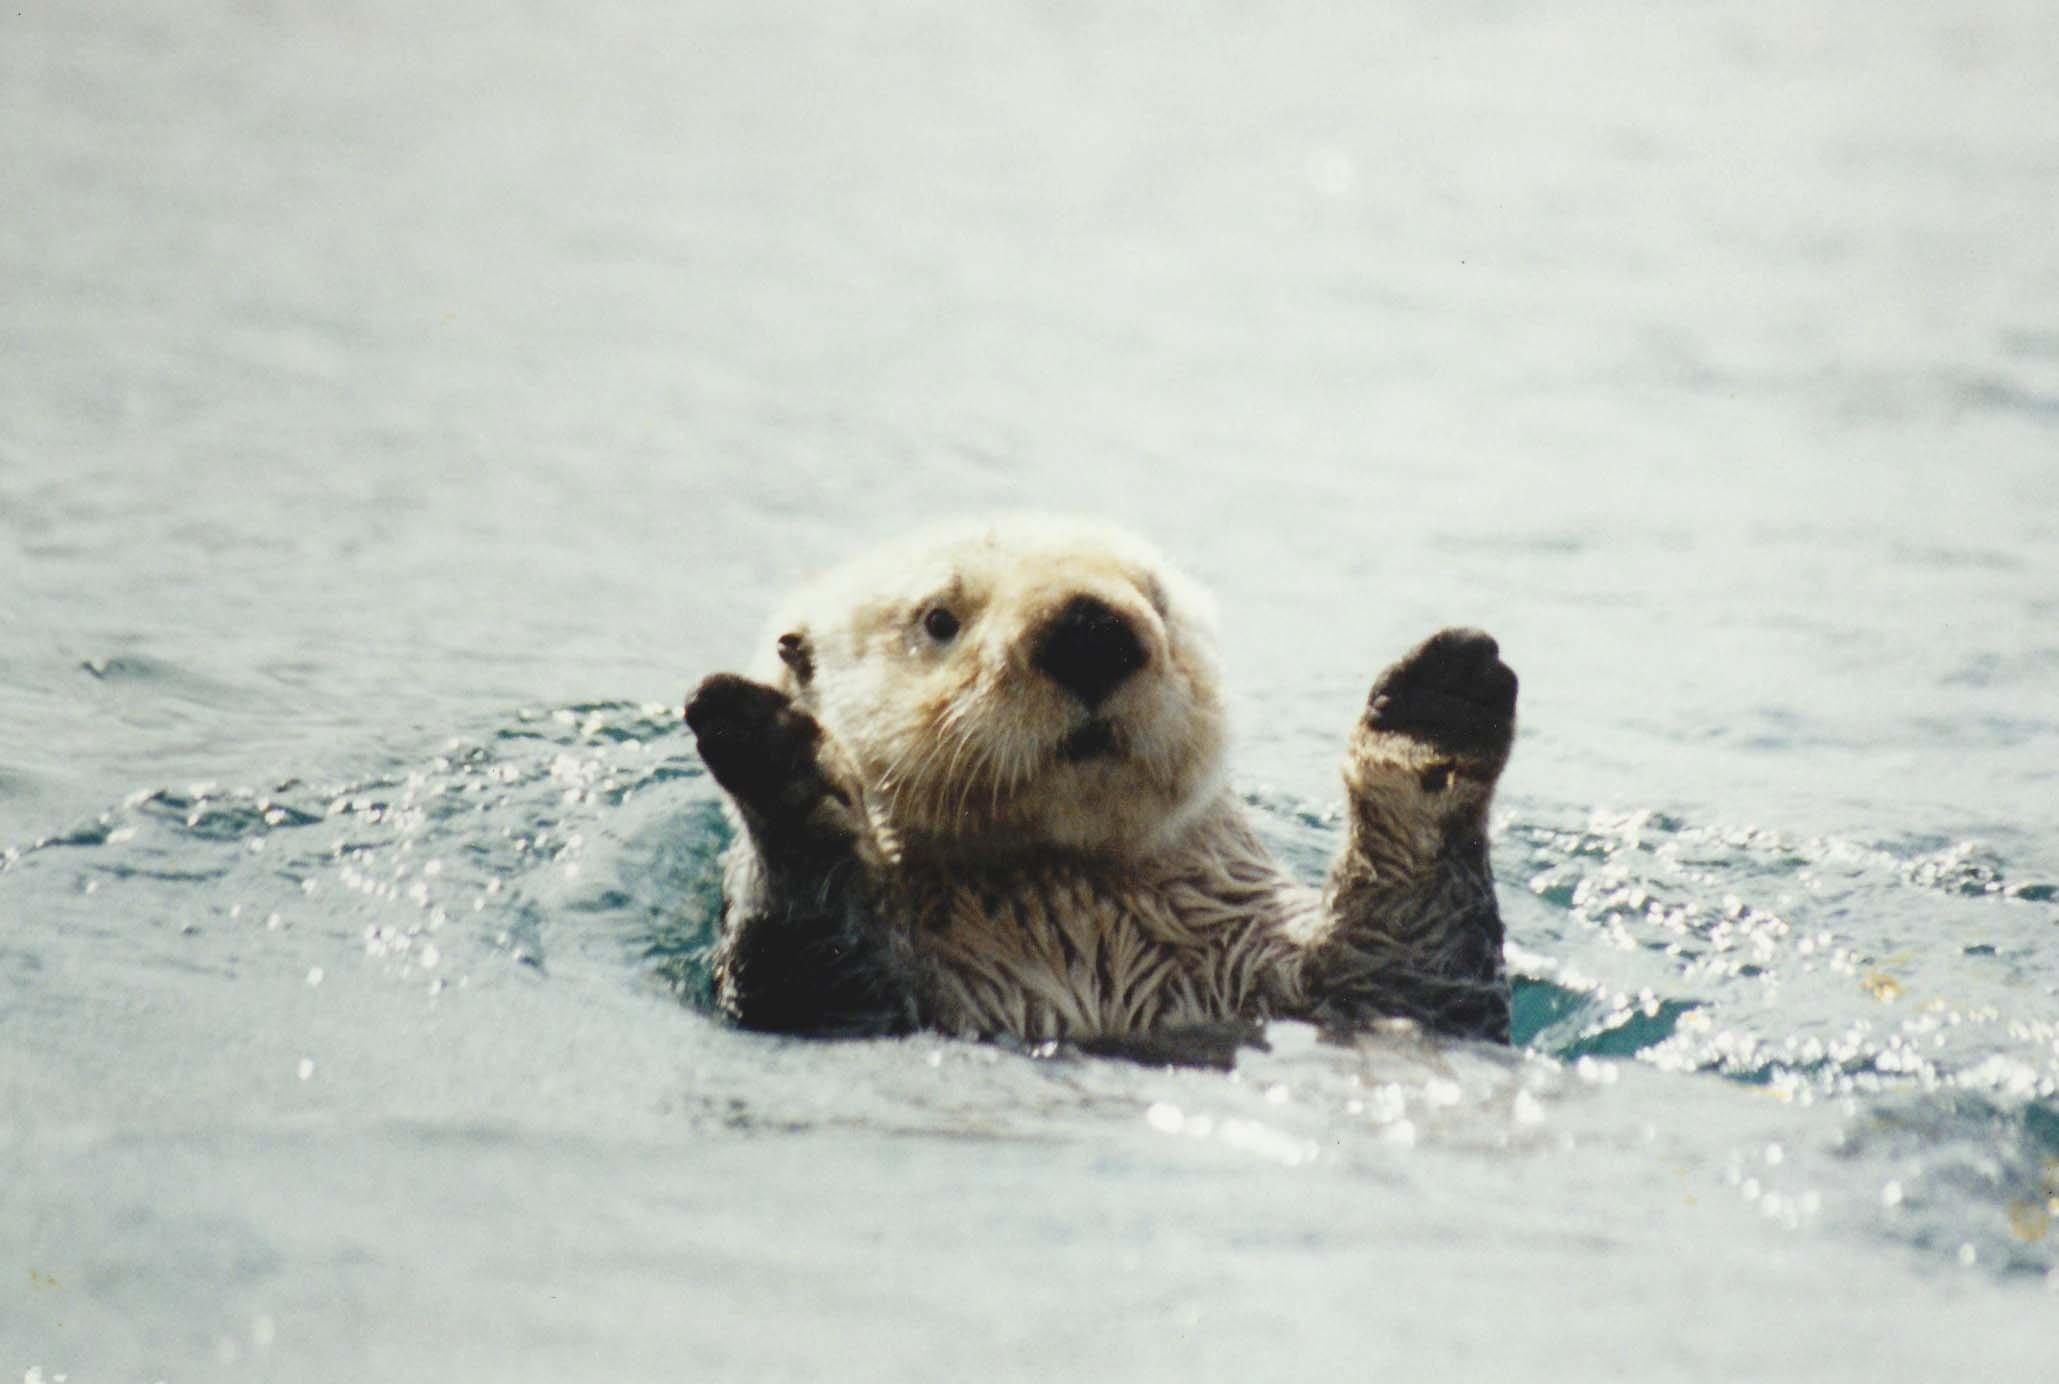 23+ Otter Wallpaper Cute Pics